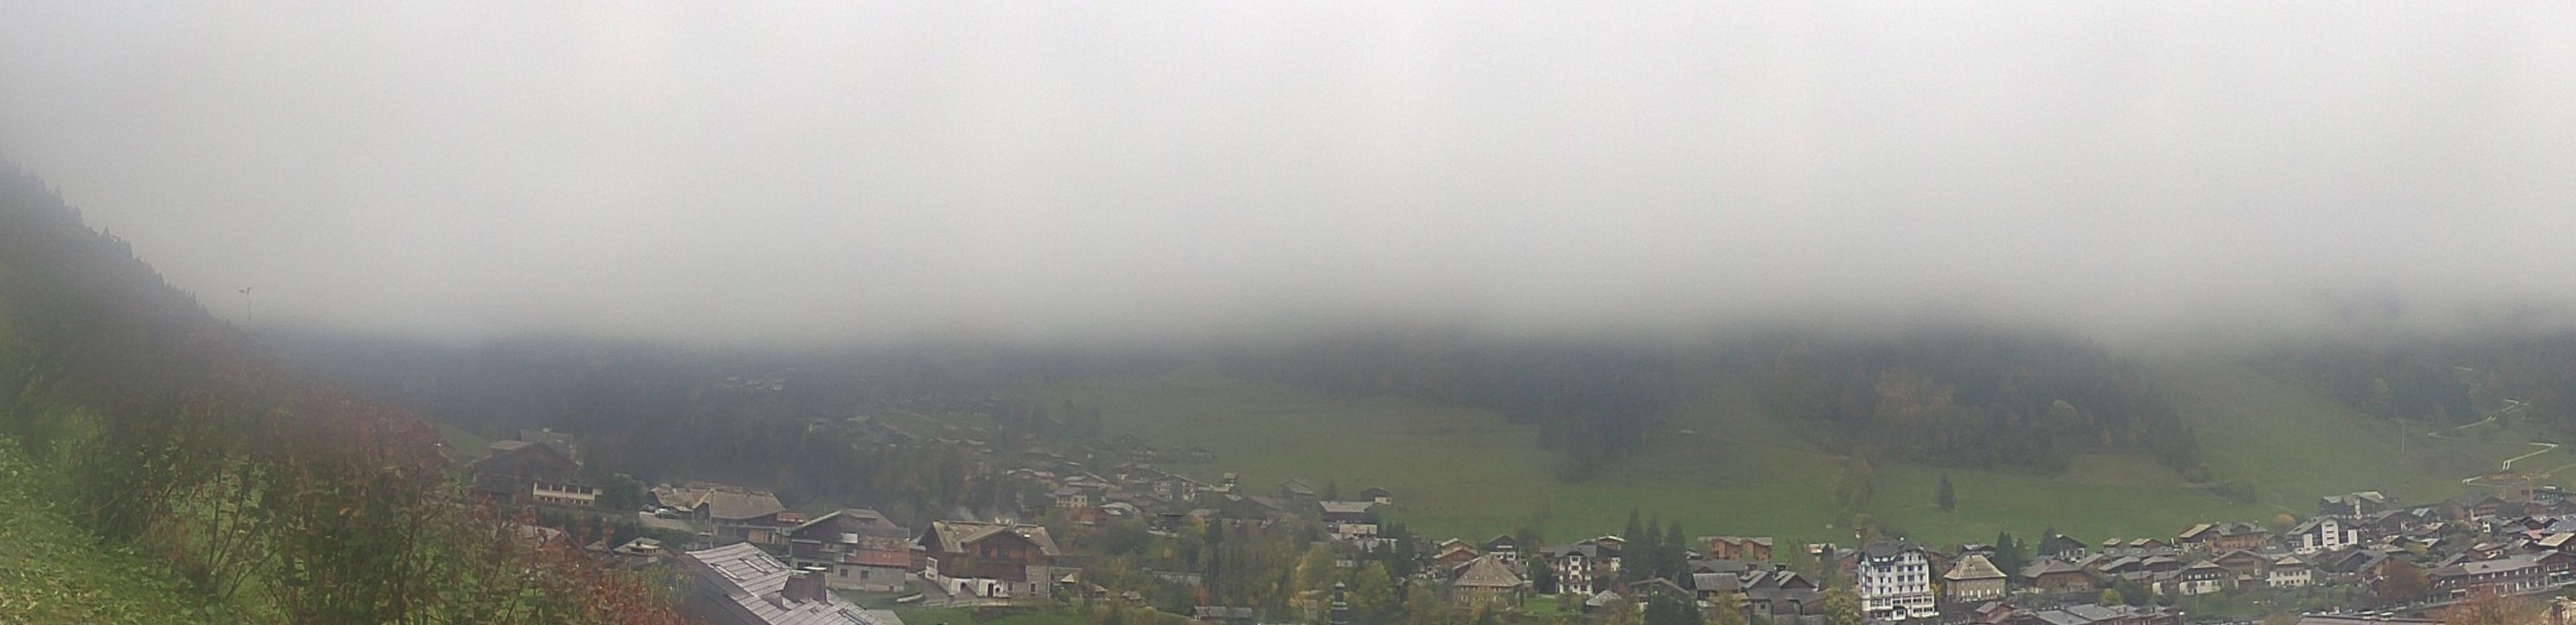 Webcam showing Morzine from opposite the Pleney